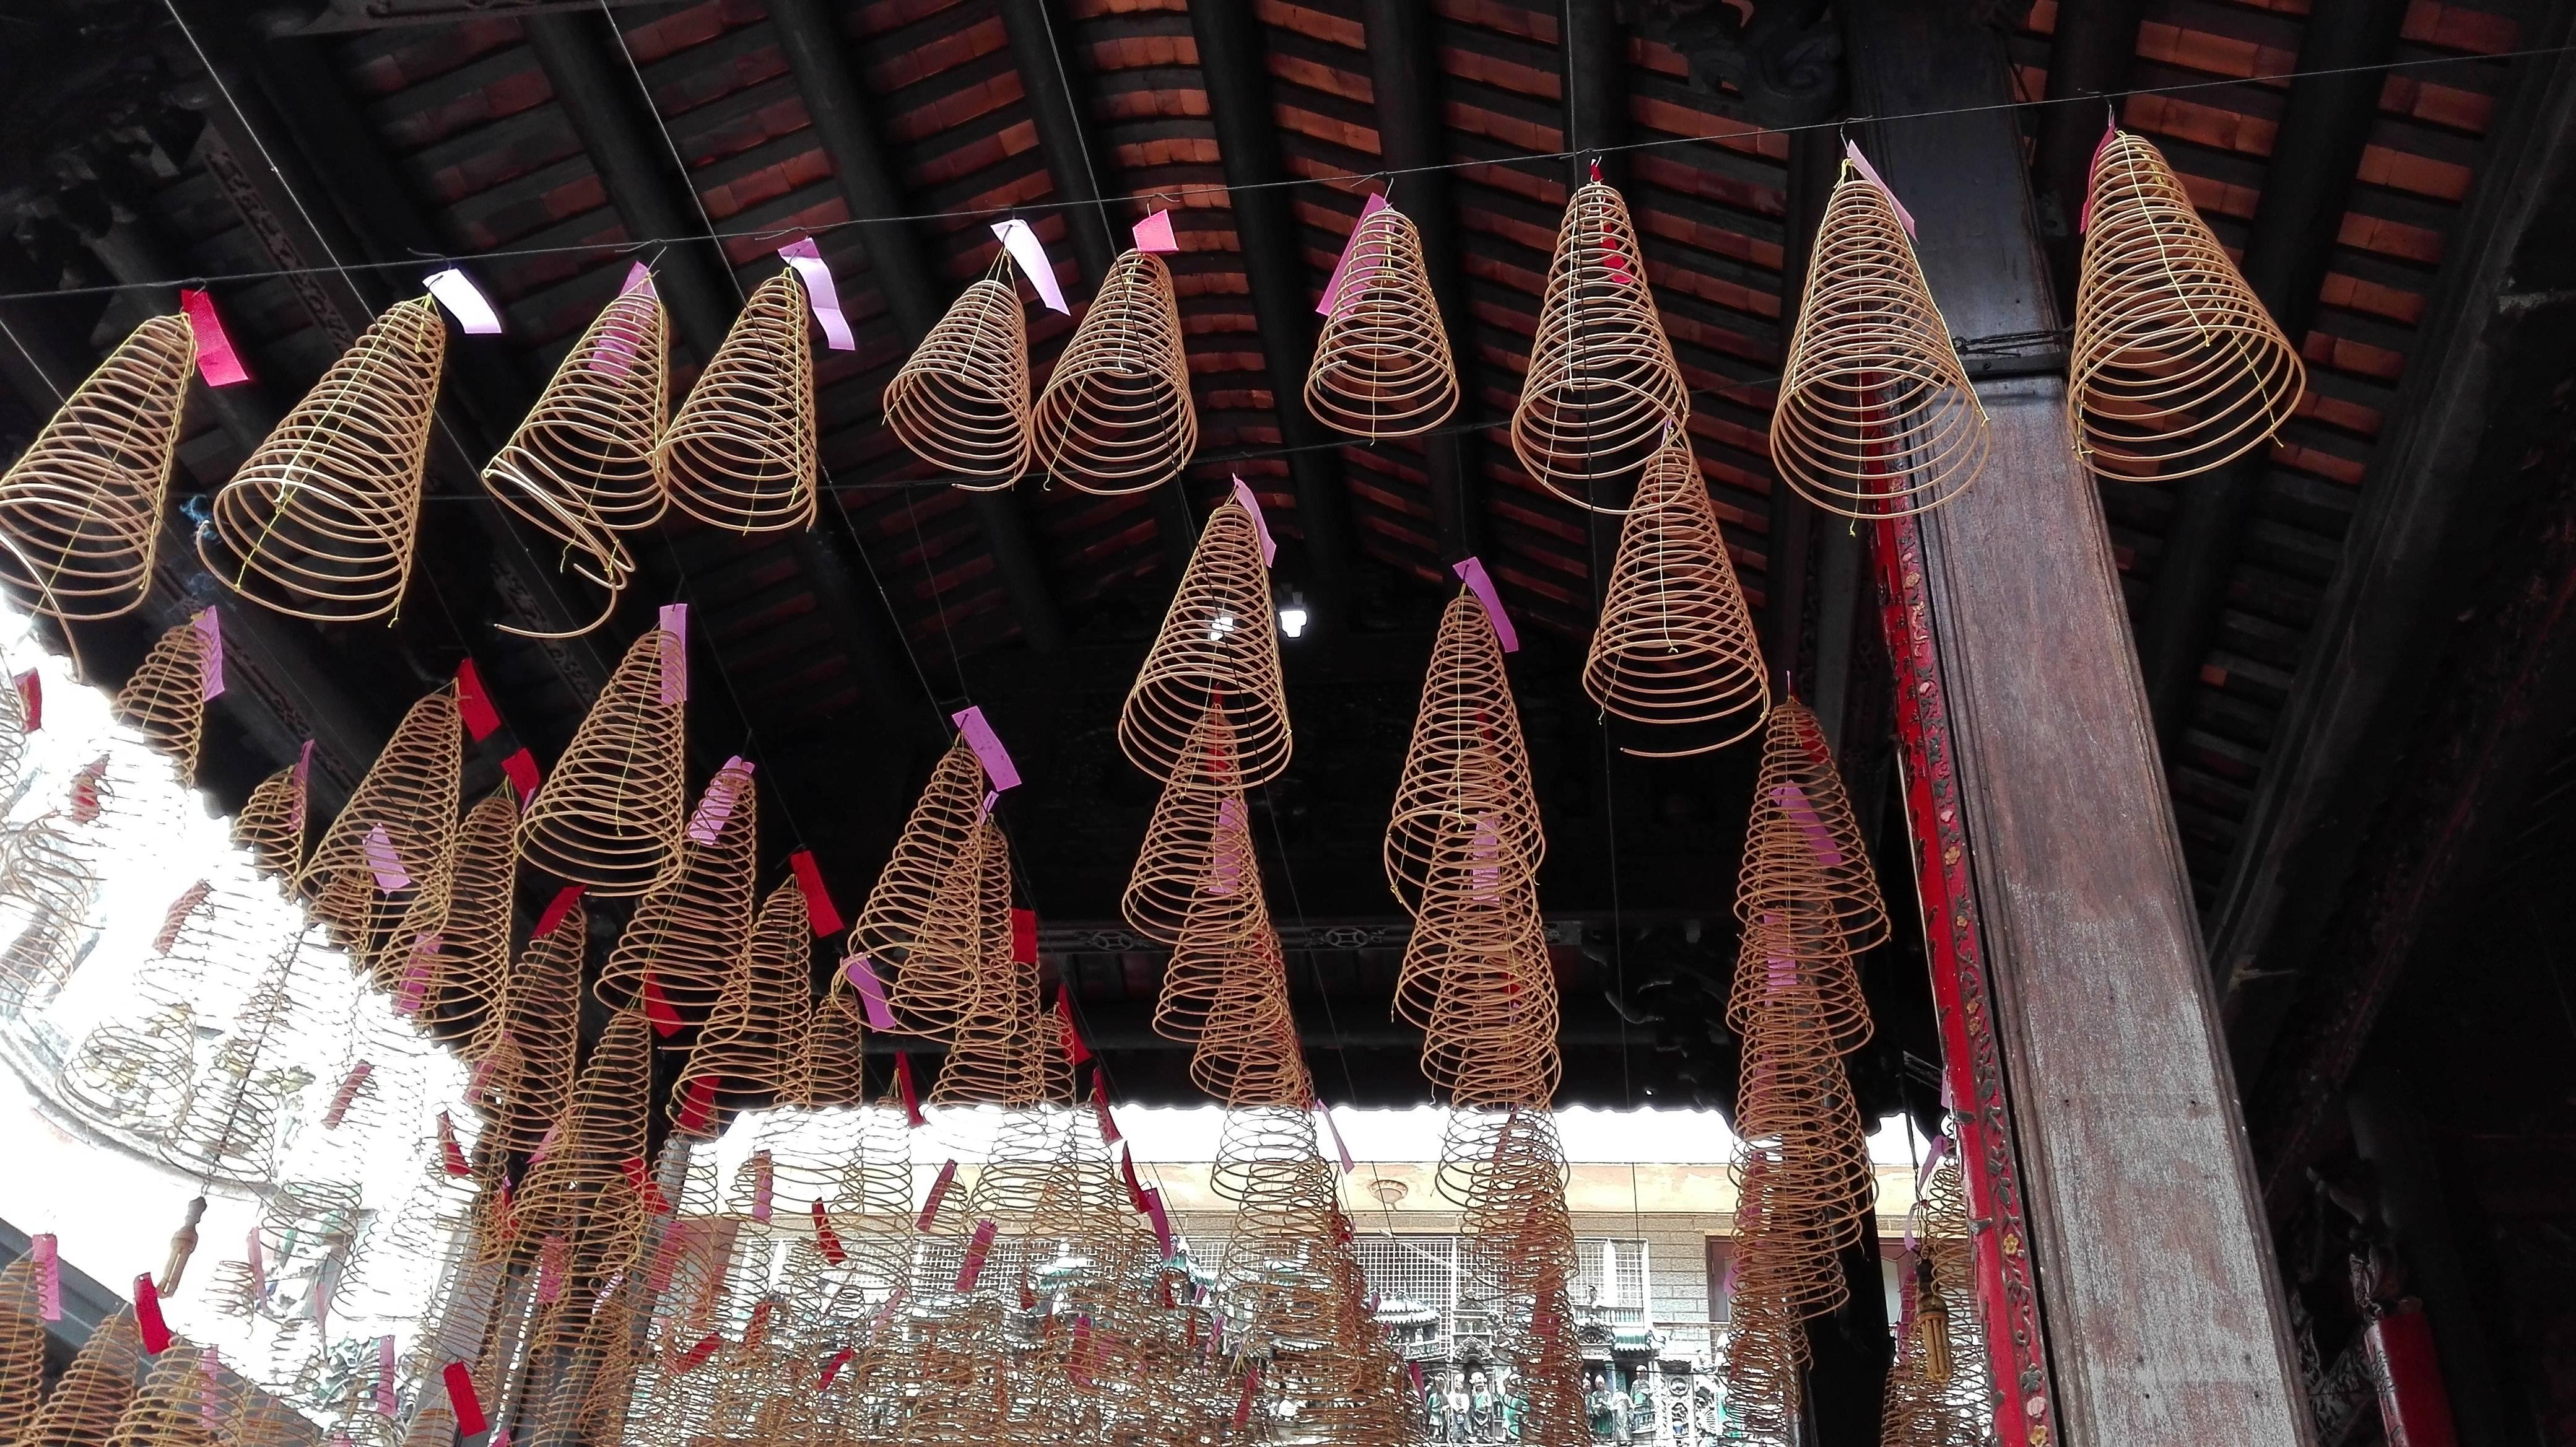 Photo 1: Pagode de Thien Hau à Ho-Chi-Minh Ville